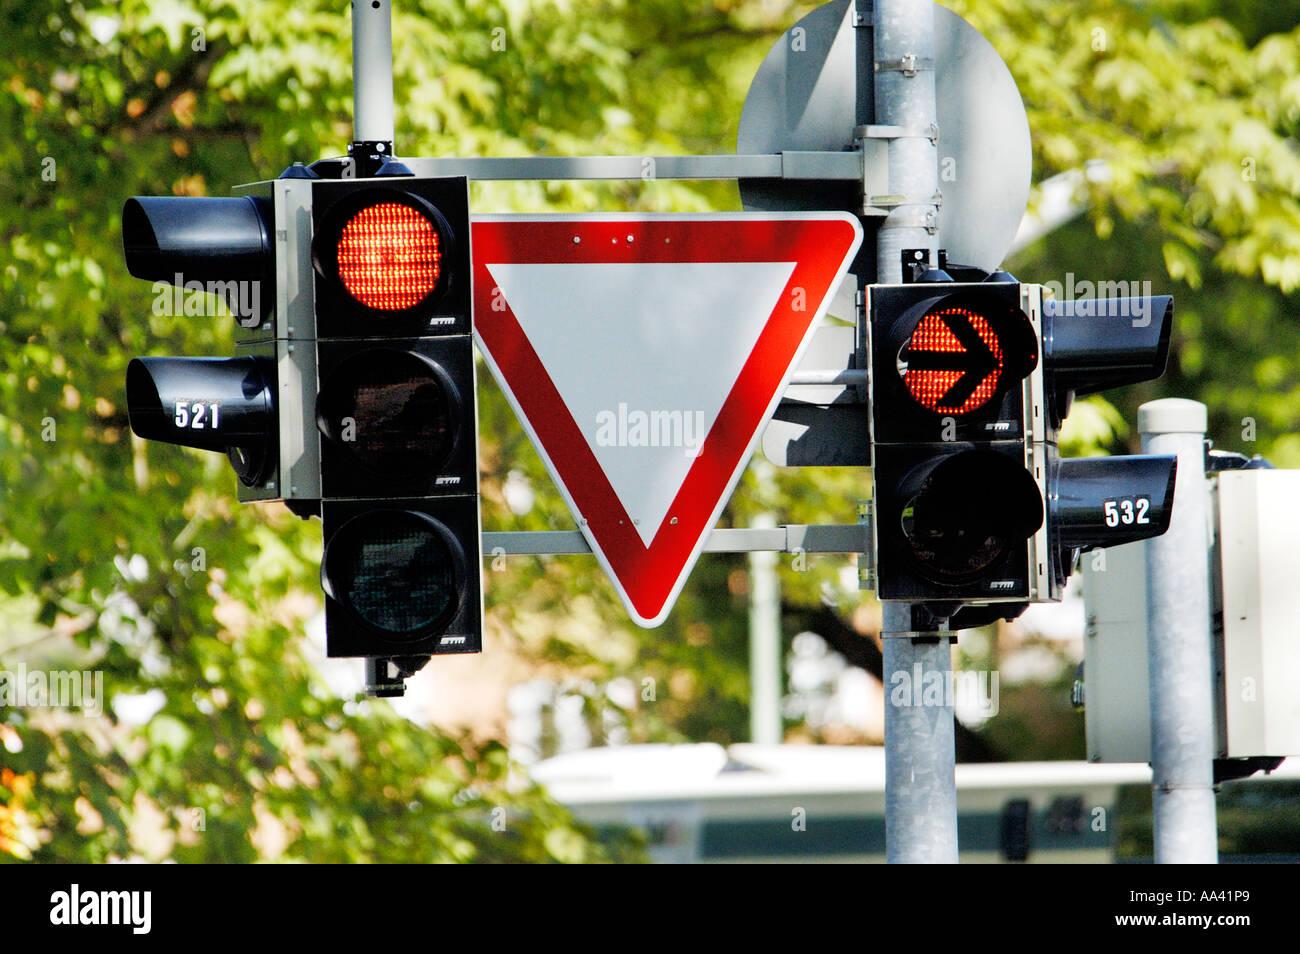 """Traffik leuchtet und """"nachzugeben"""" unterschreiben """", rechts des Weges ergeben"""" am Grenzübergang Stockbild"""